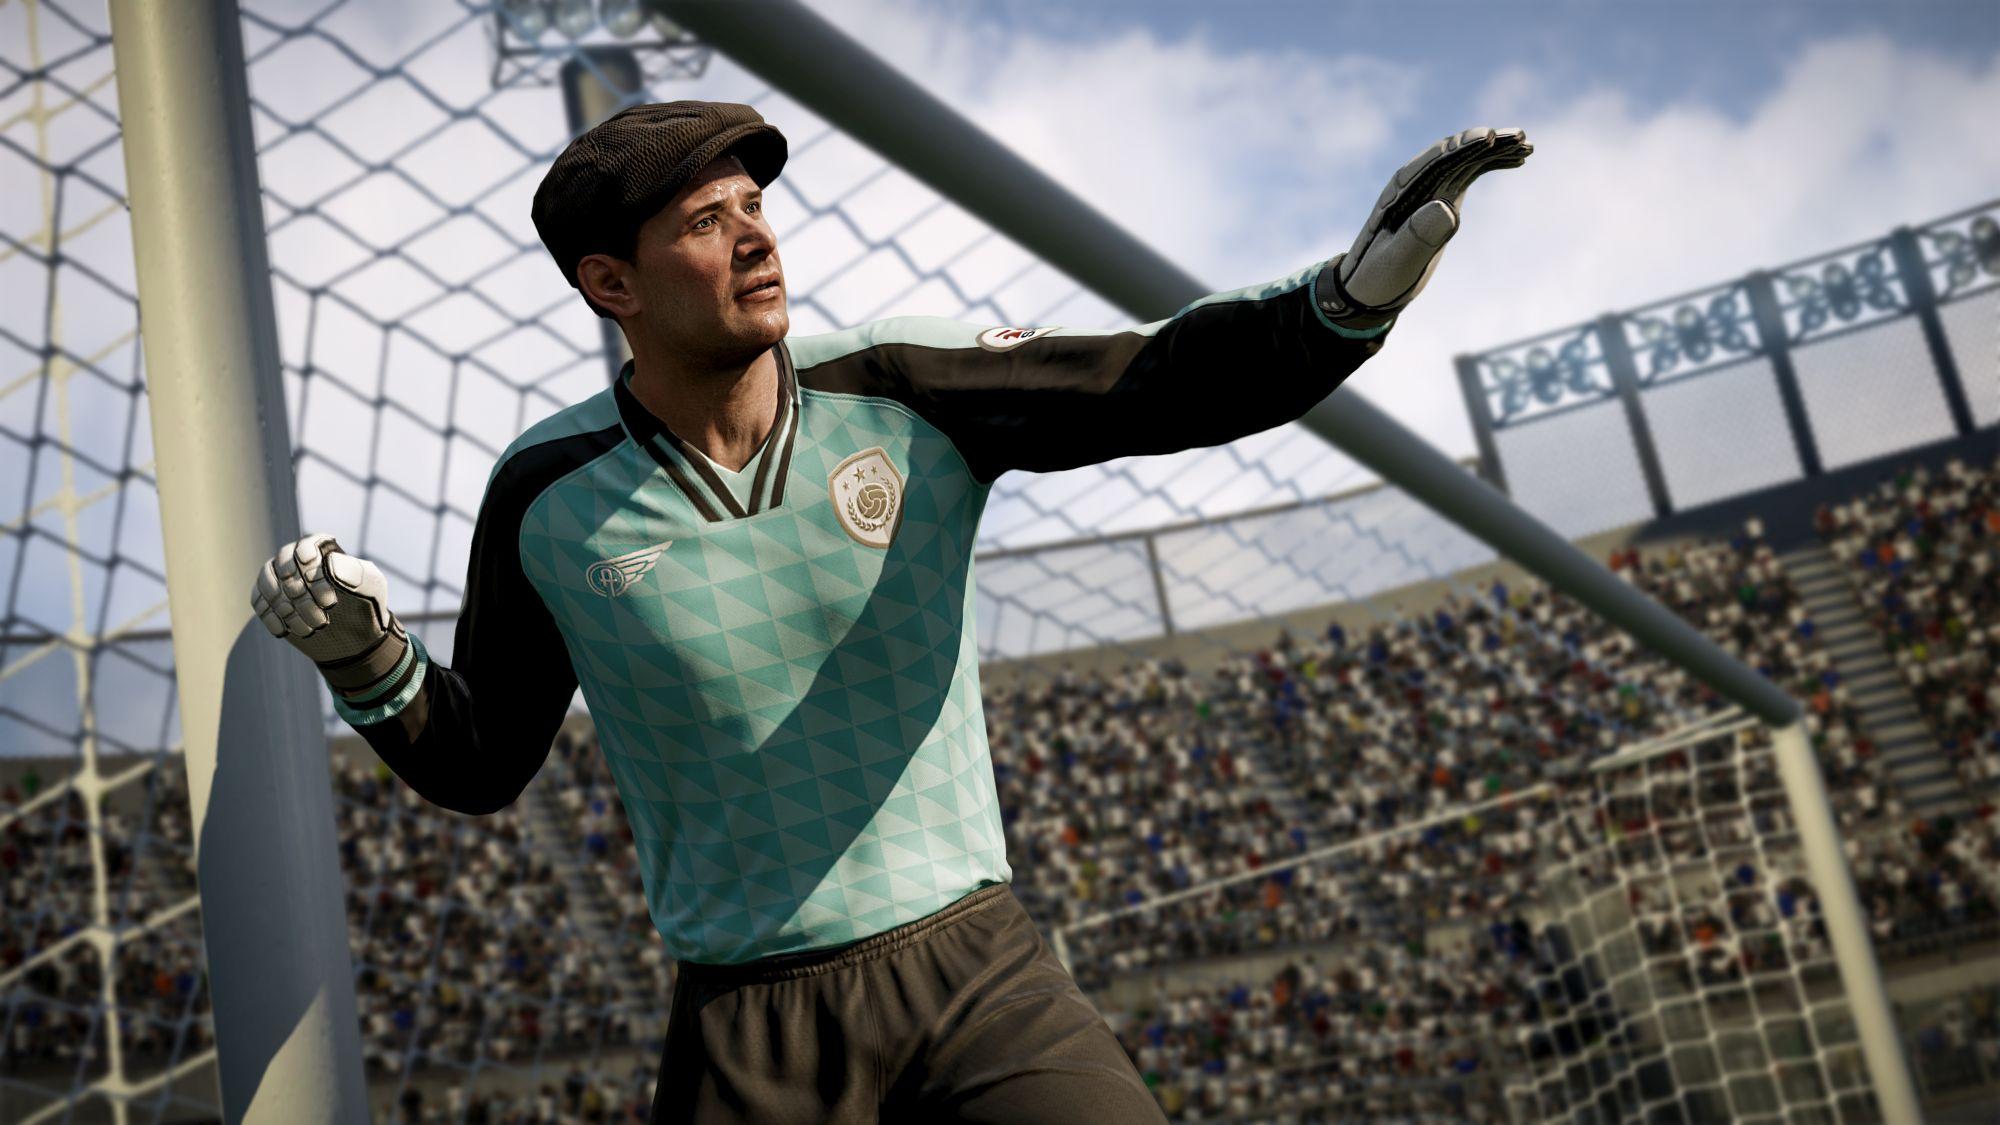 FIFA18_ICON_YASHIN_JUN09_FULLRES